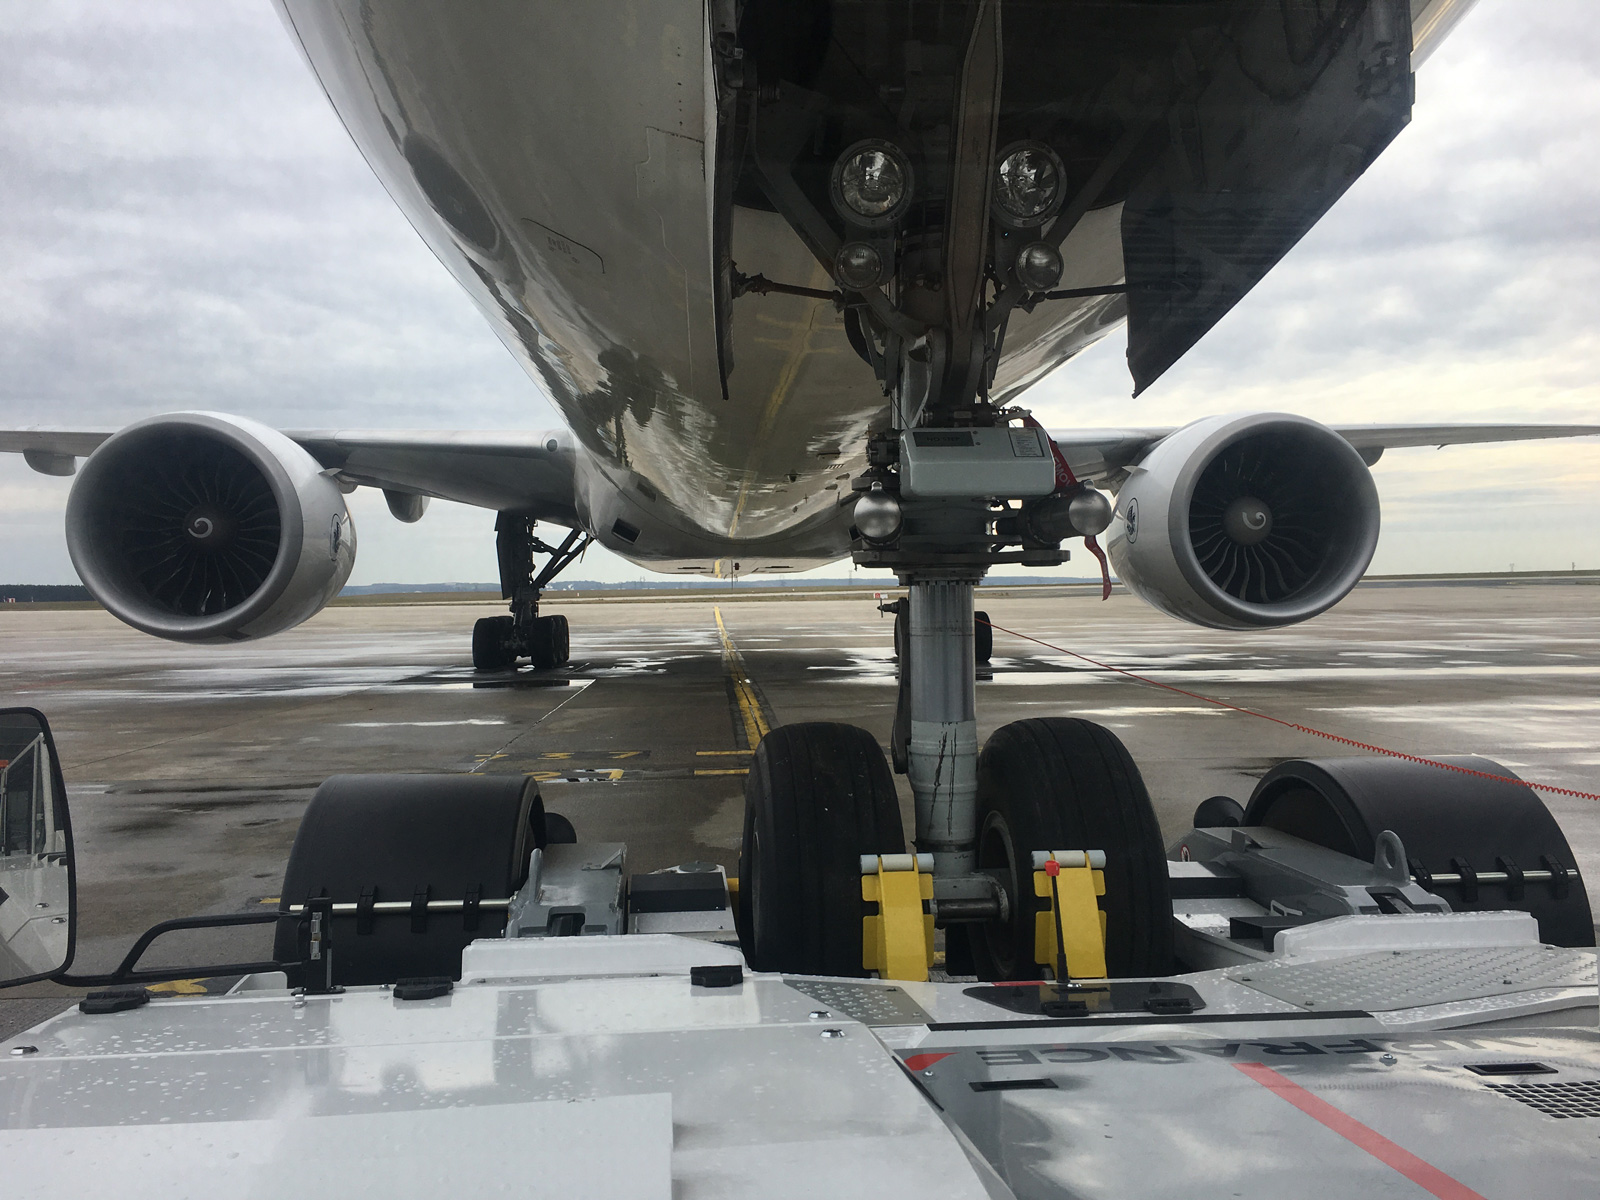 photo de tarmac sous un avion